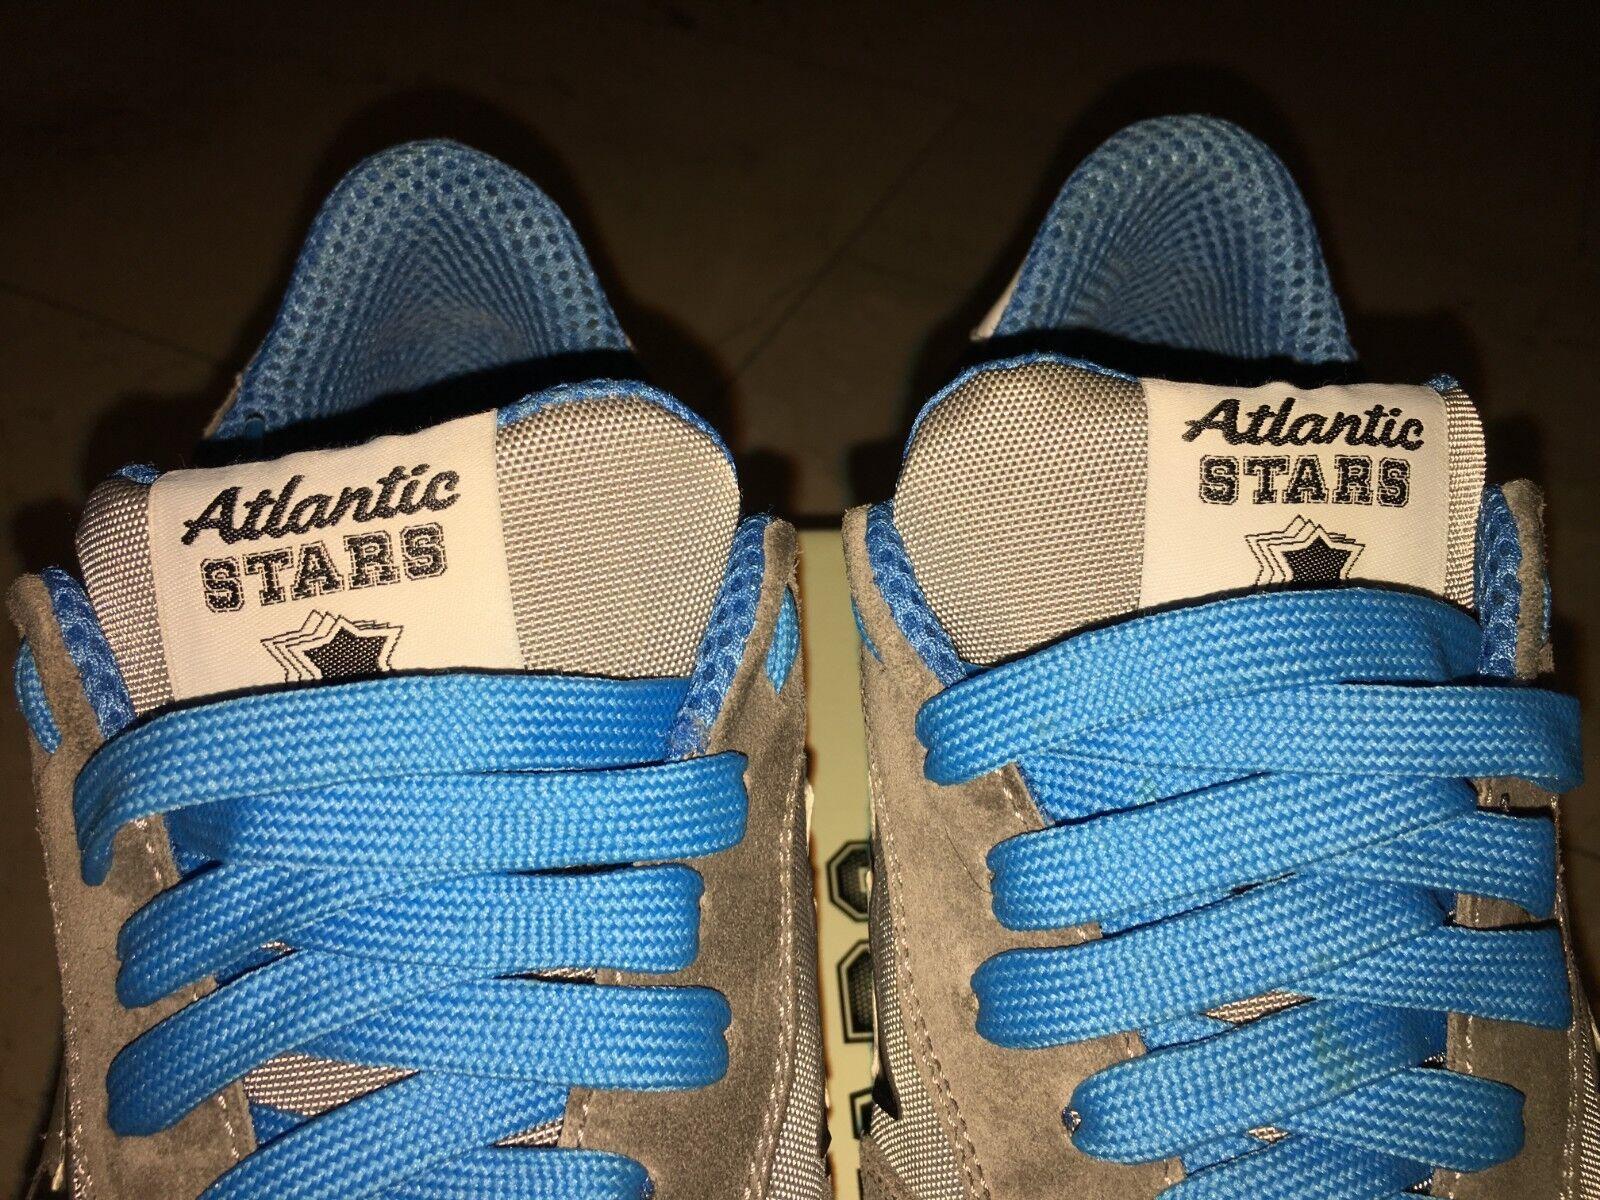 ATLANTIC STARS mod. ANTARES Cement Cement Cement argento scarpe uomo taglia 43 perfette new   | Esecuzione squisita  ea0ad7